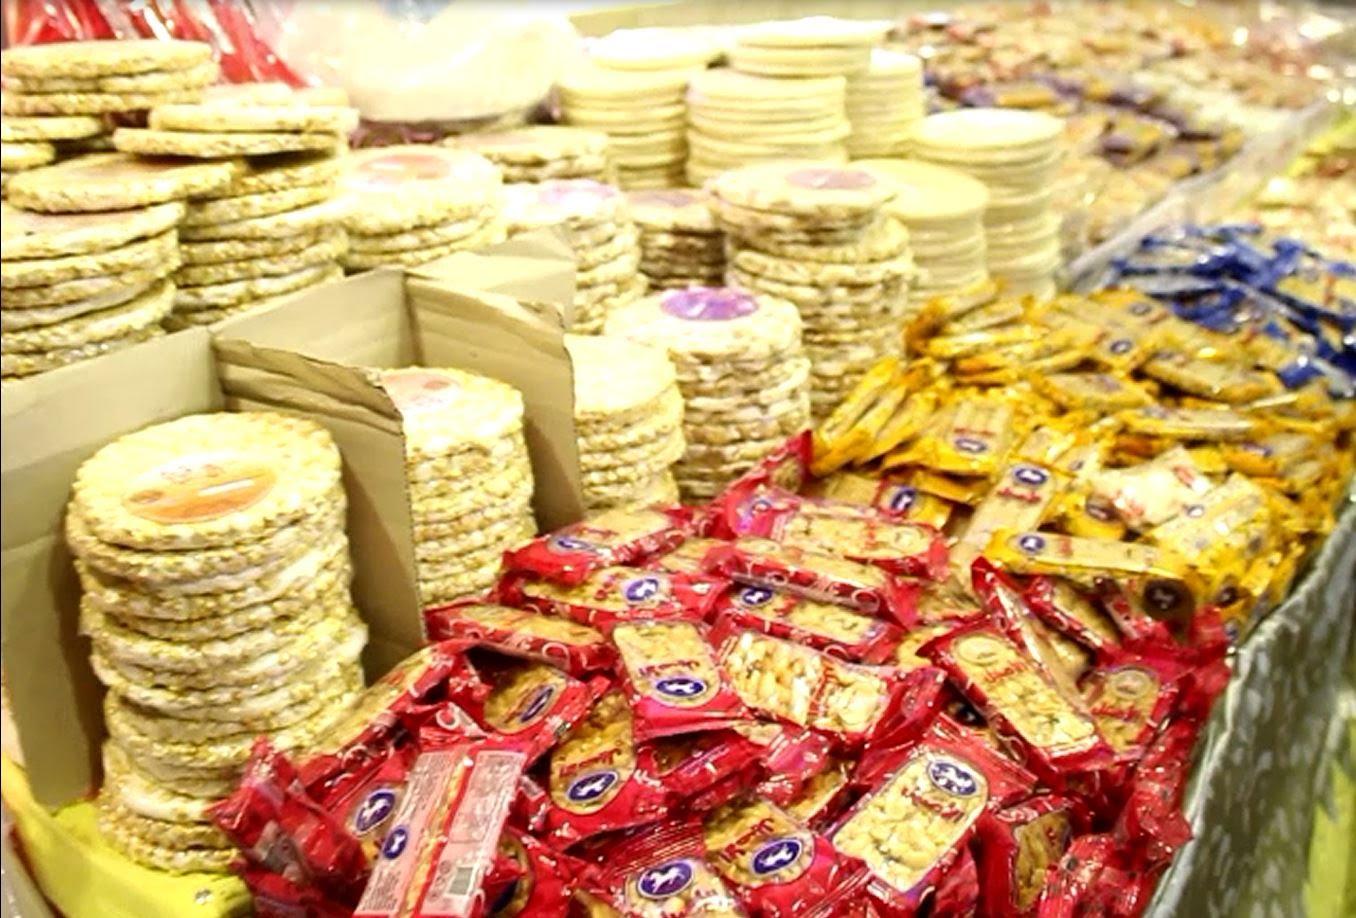 تطرح اليوم حلوى المولد في المجمعات الاستهلاكية بتخفيضات 30